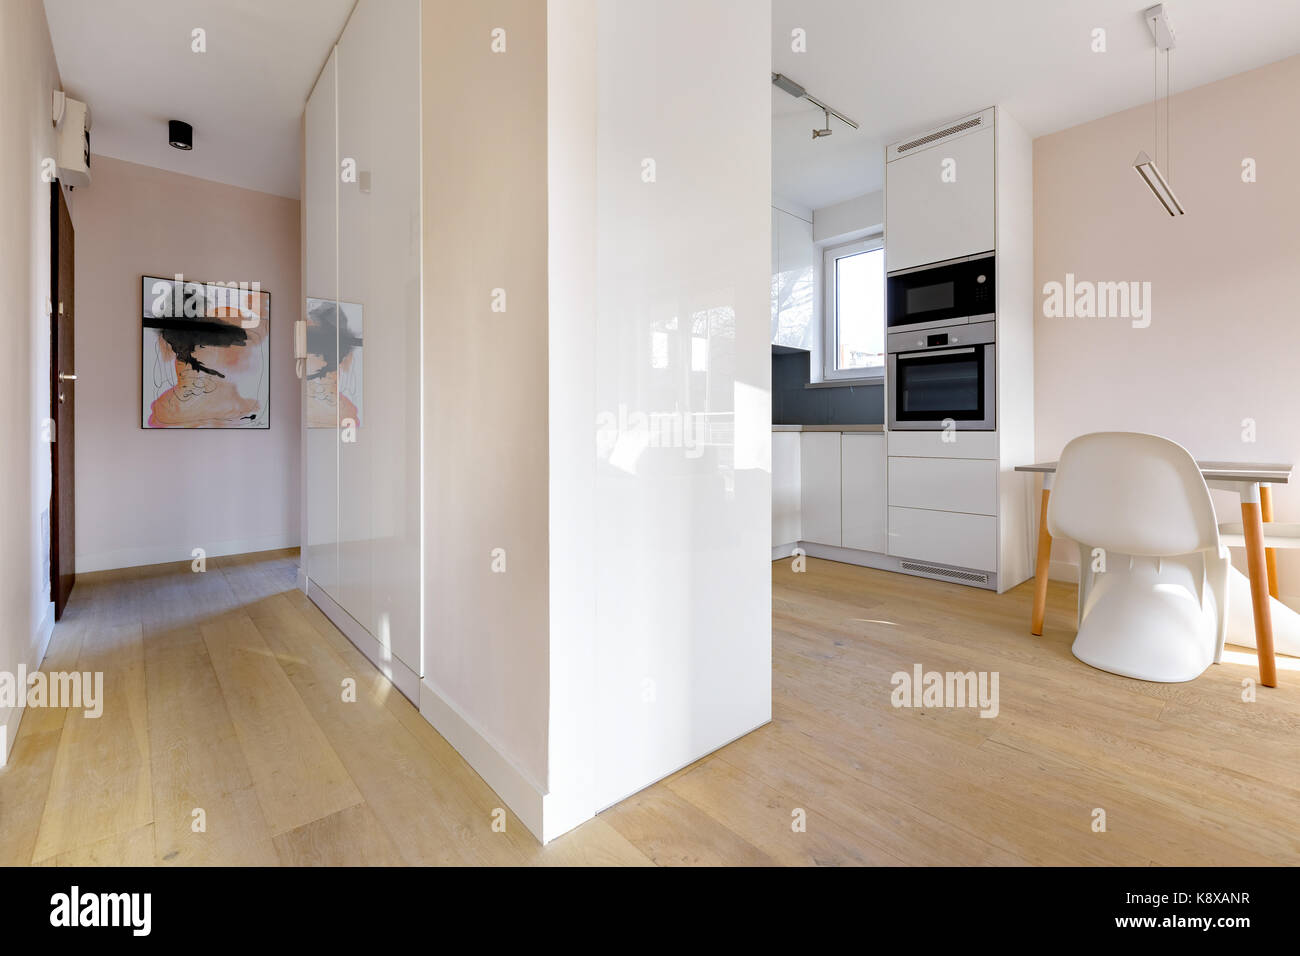 Mudroom Fotos Mudroom Imagens De Stock Alamy